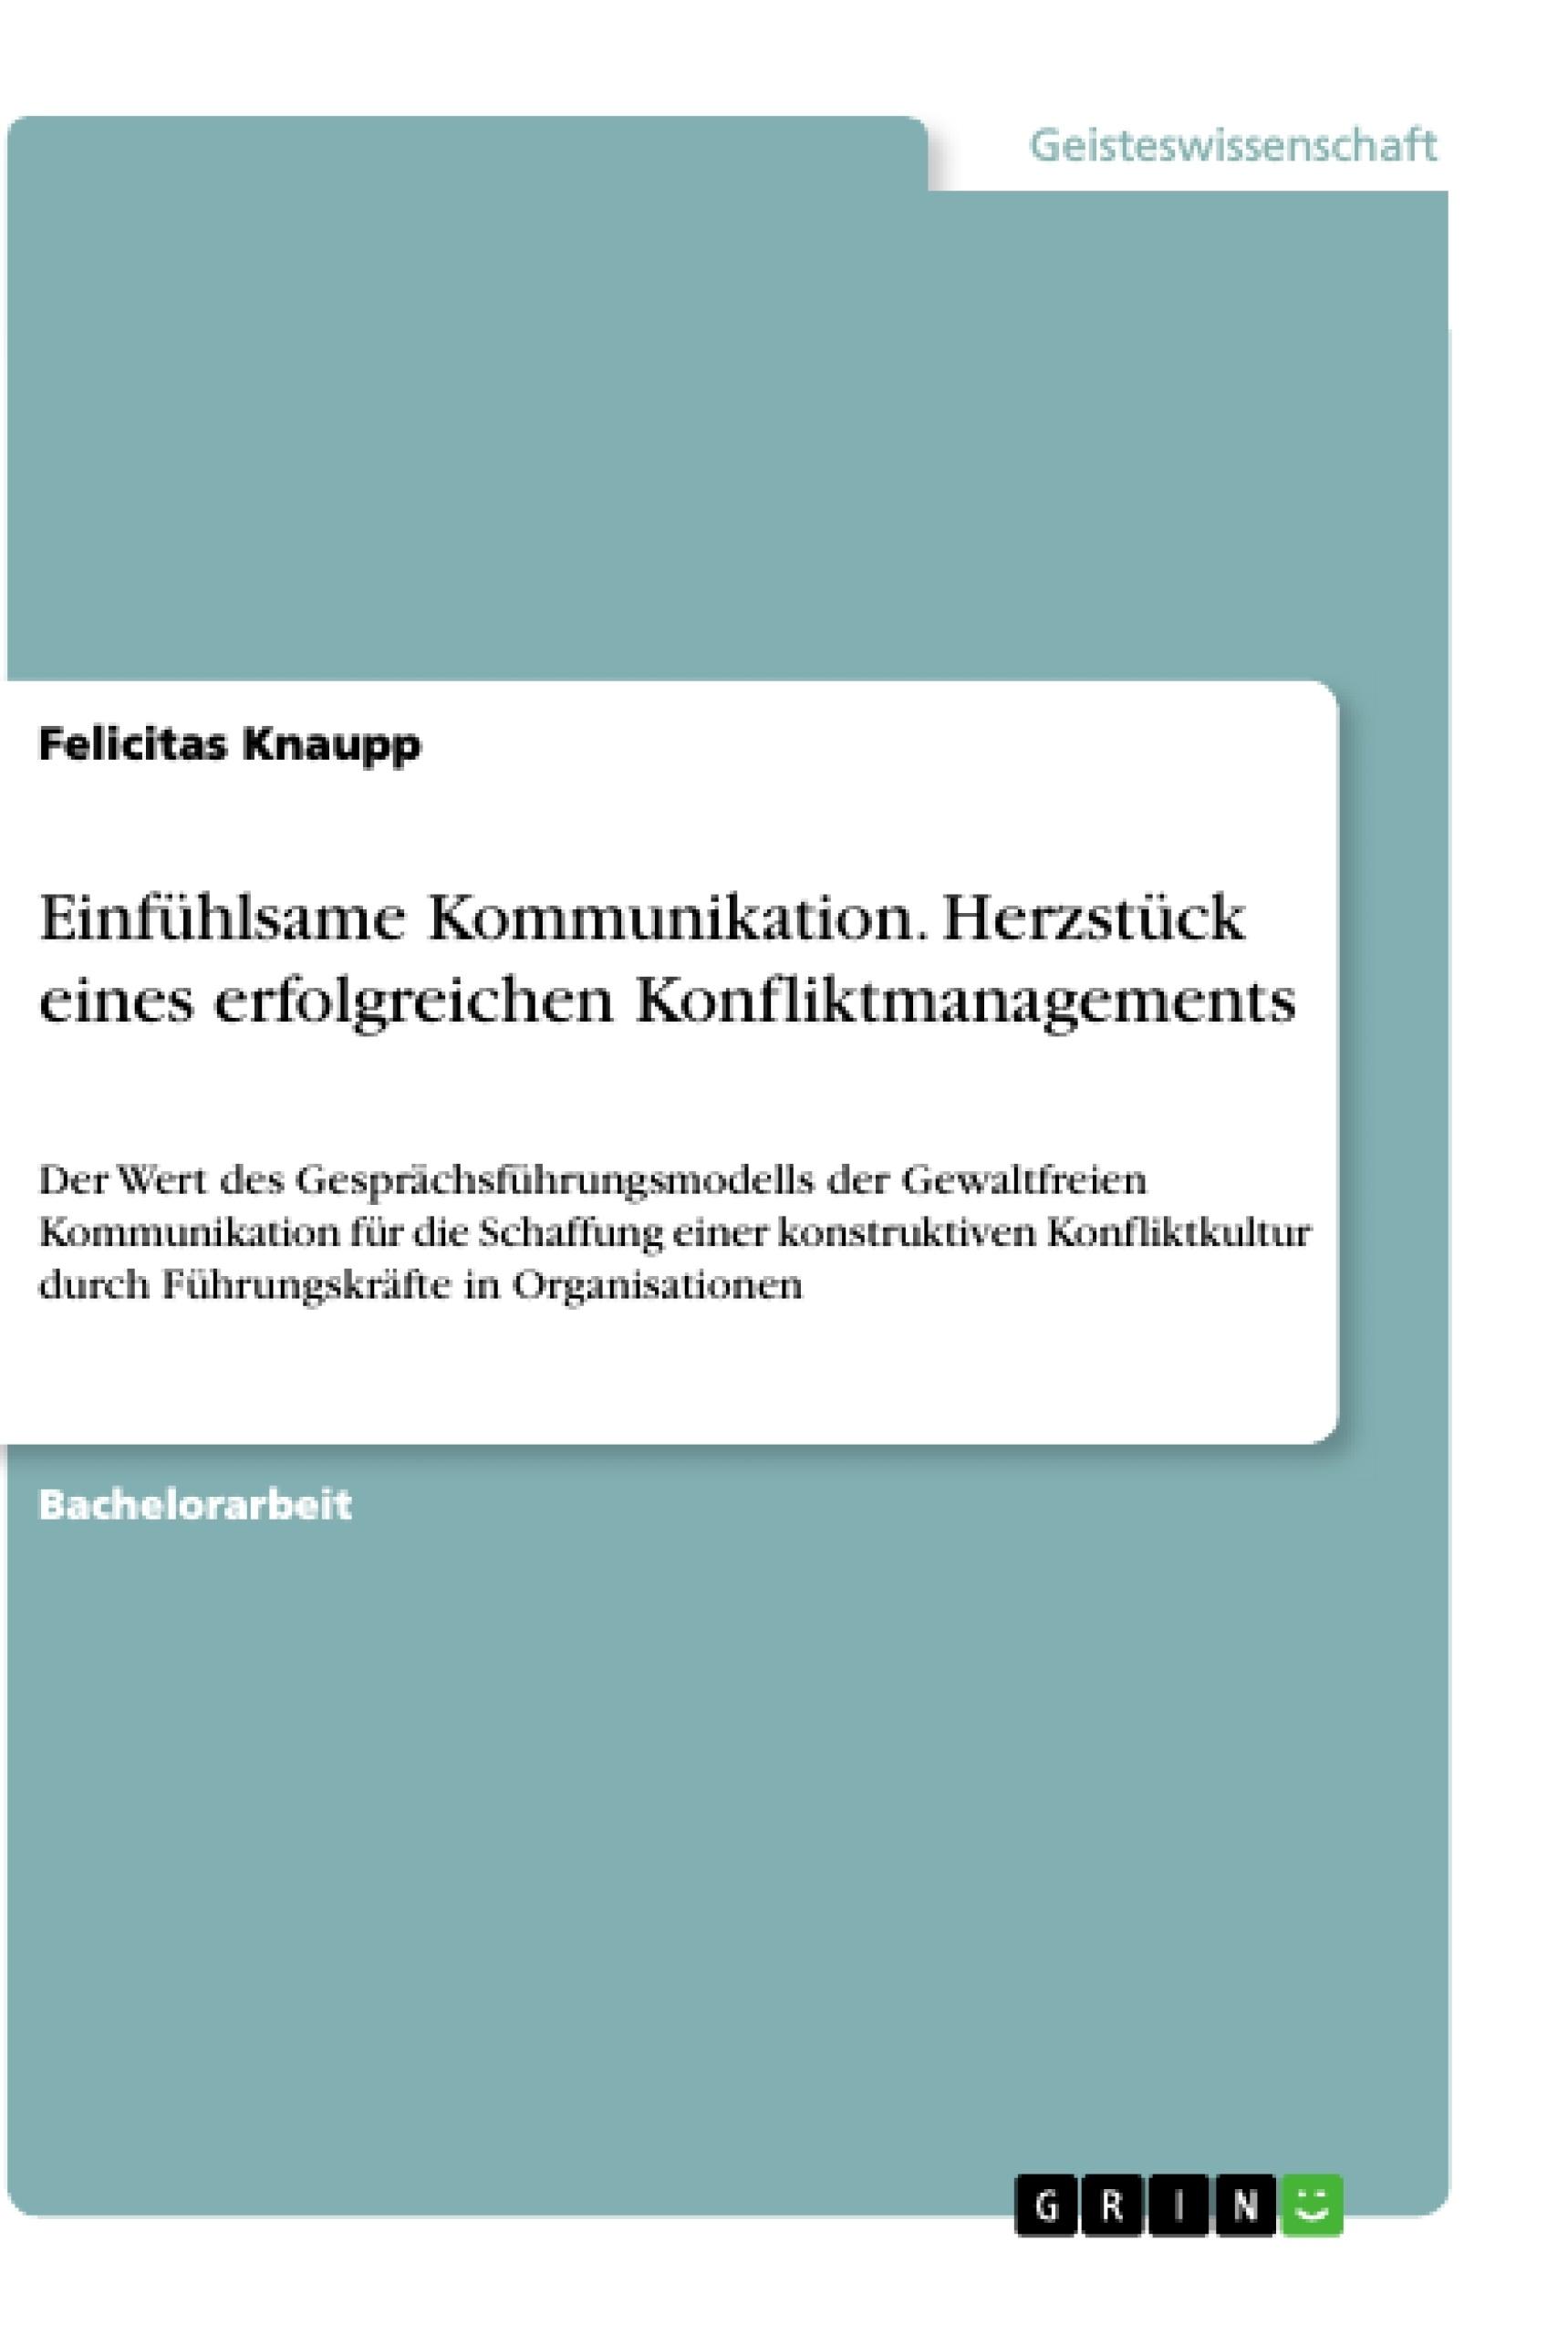 Titel: Einfühlsame Kommunikation. Herzstück eines erfolgreichen Konfliktmanagements